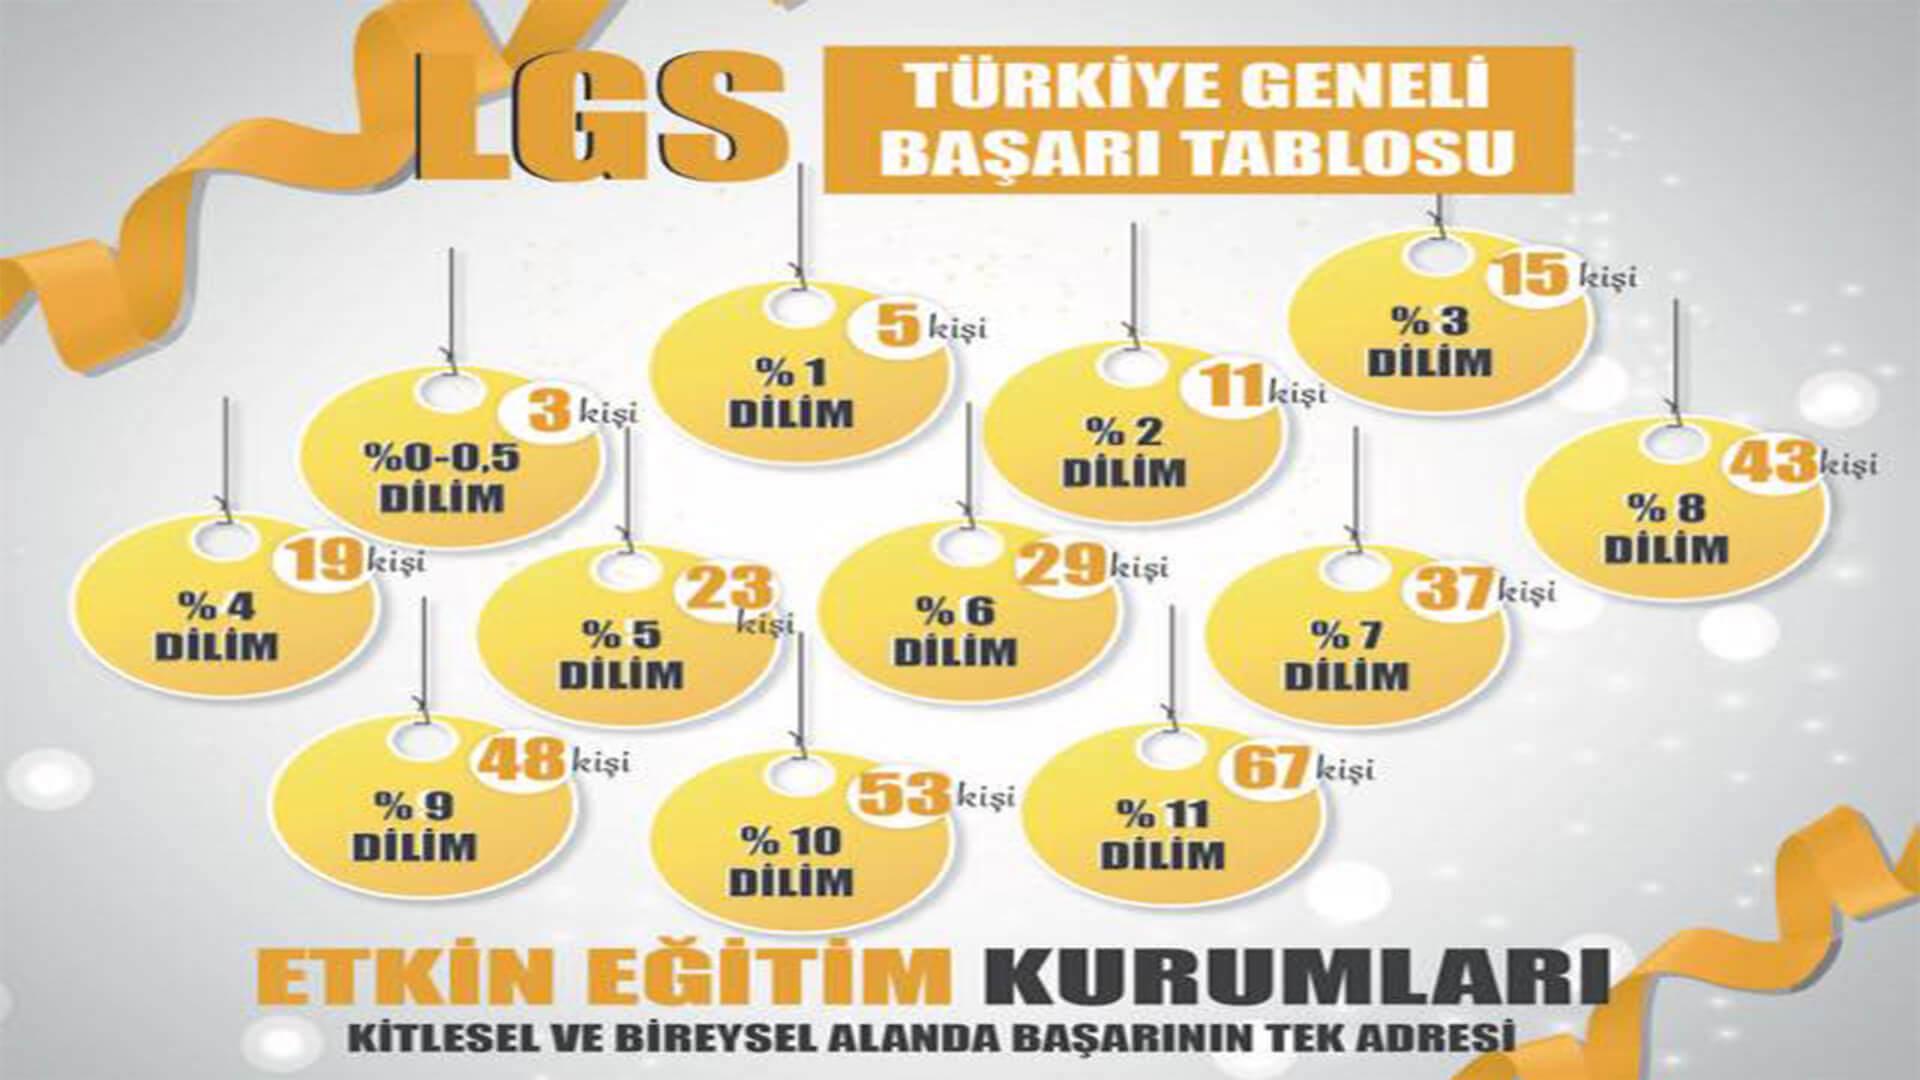 Etkin Kolej | Etkin Eğitim Kurumları LGS Türkiye Geneli Başarı Tablosu